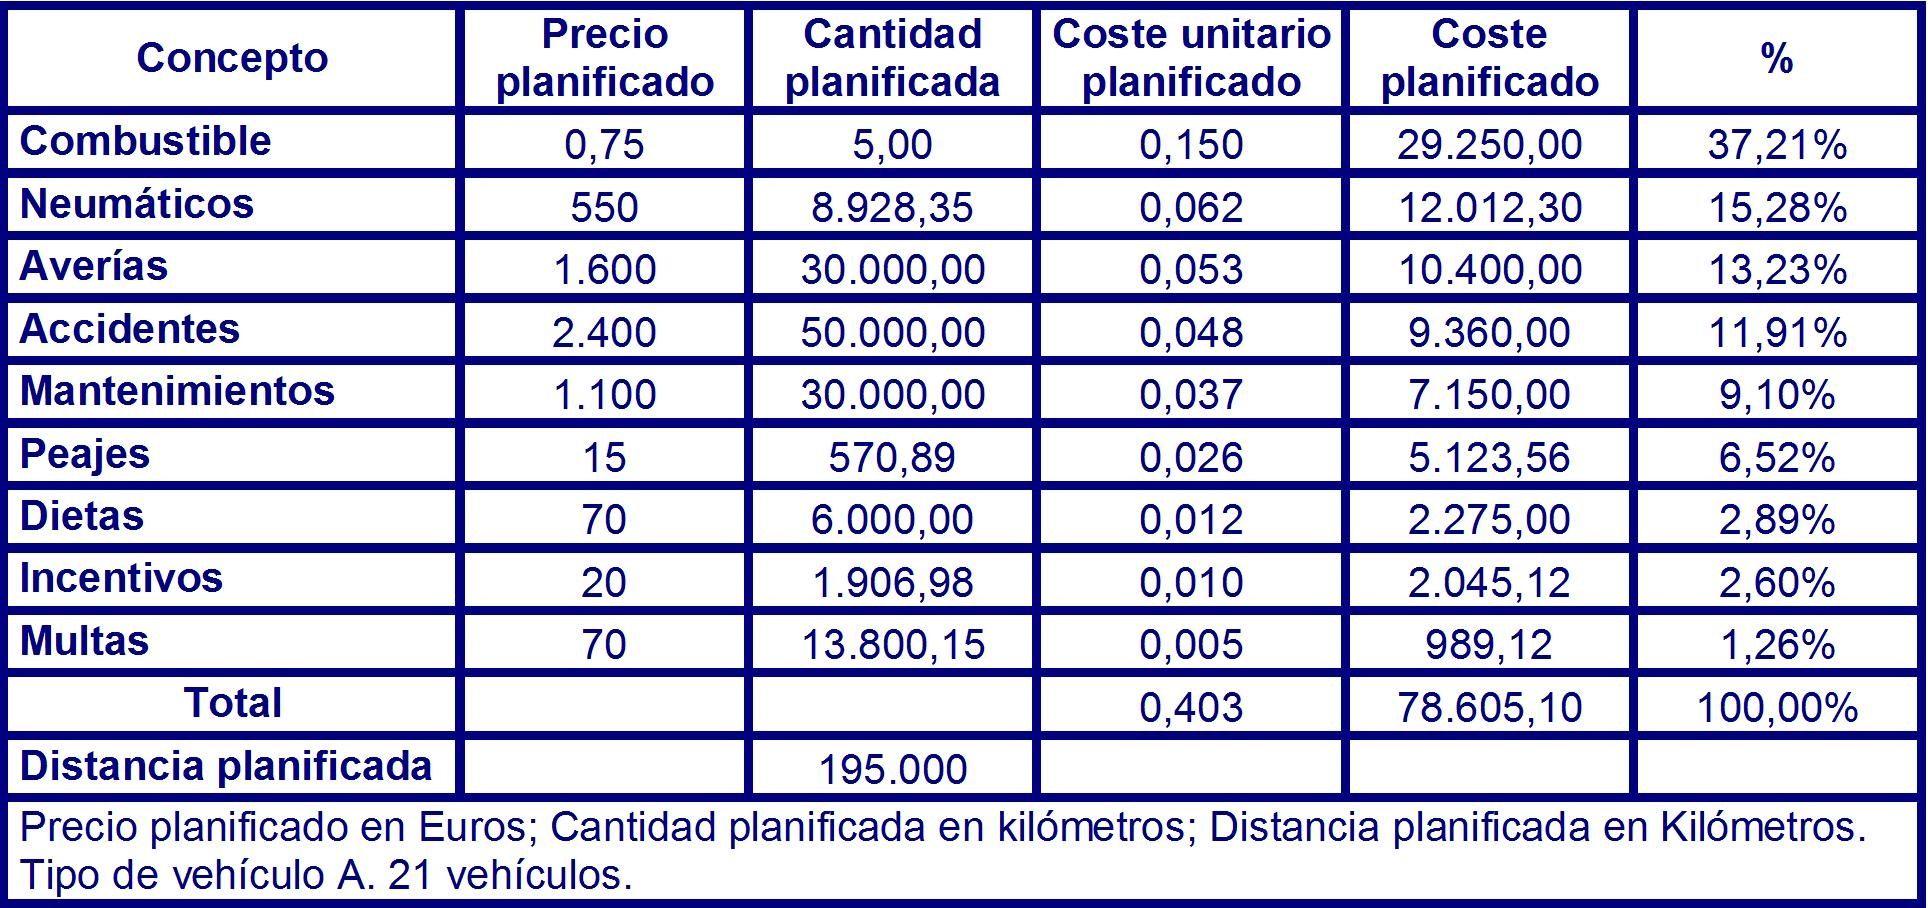 Tabla 81 costes planificados para el vehículo del tipo A en el instante T4 para 21 vehículos.